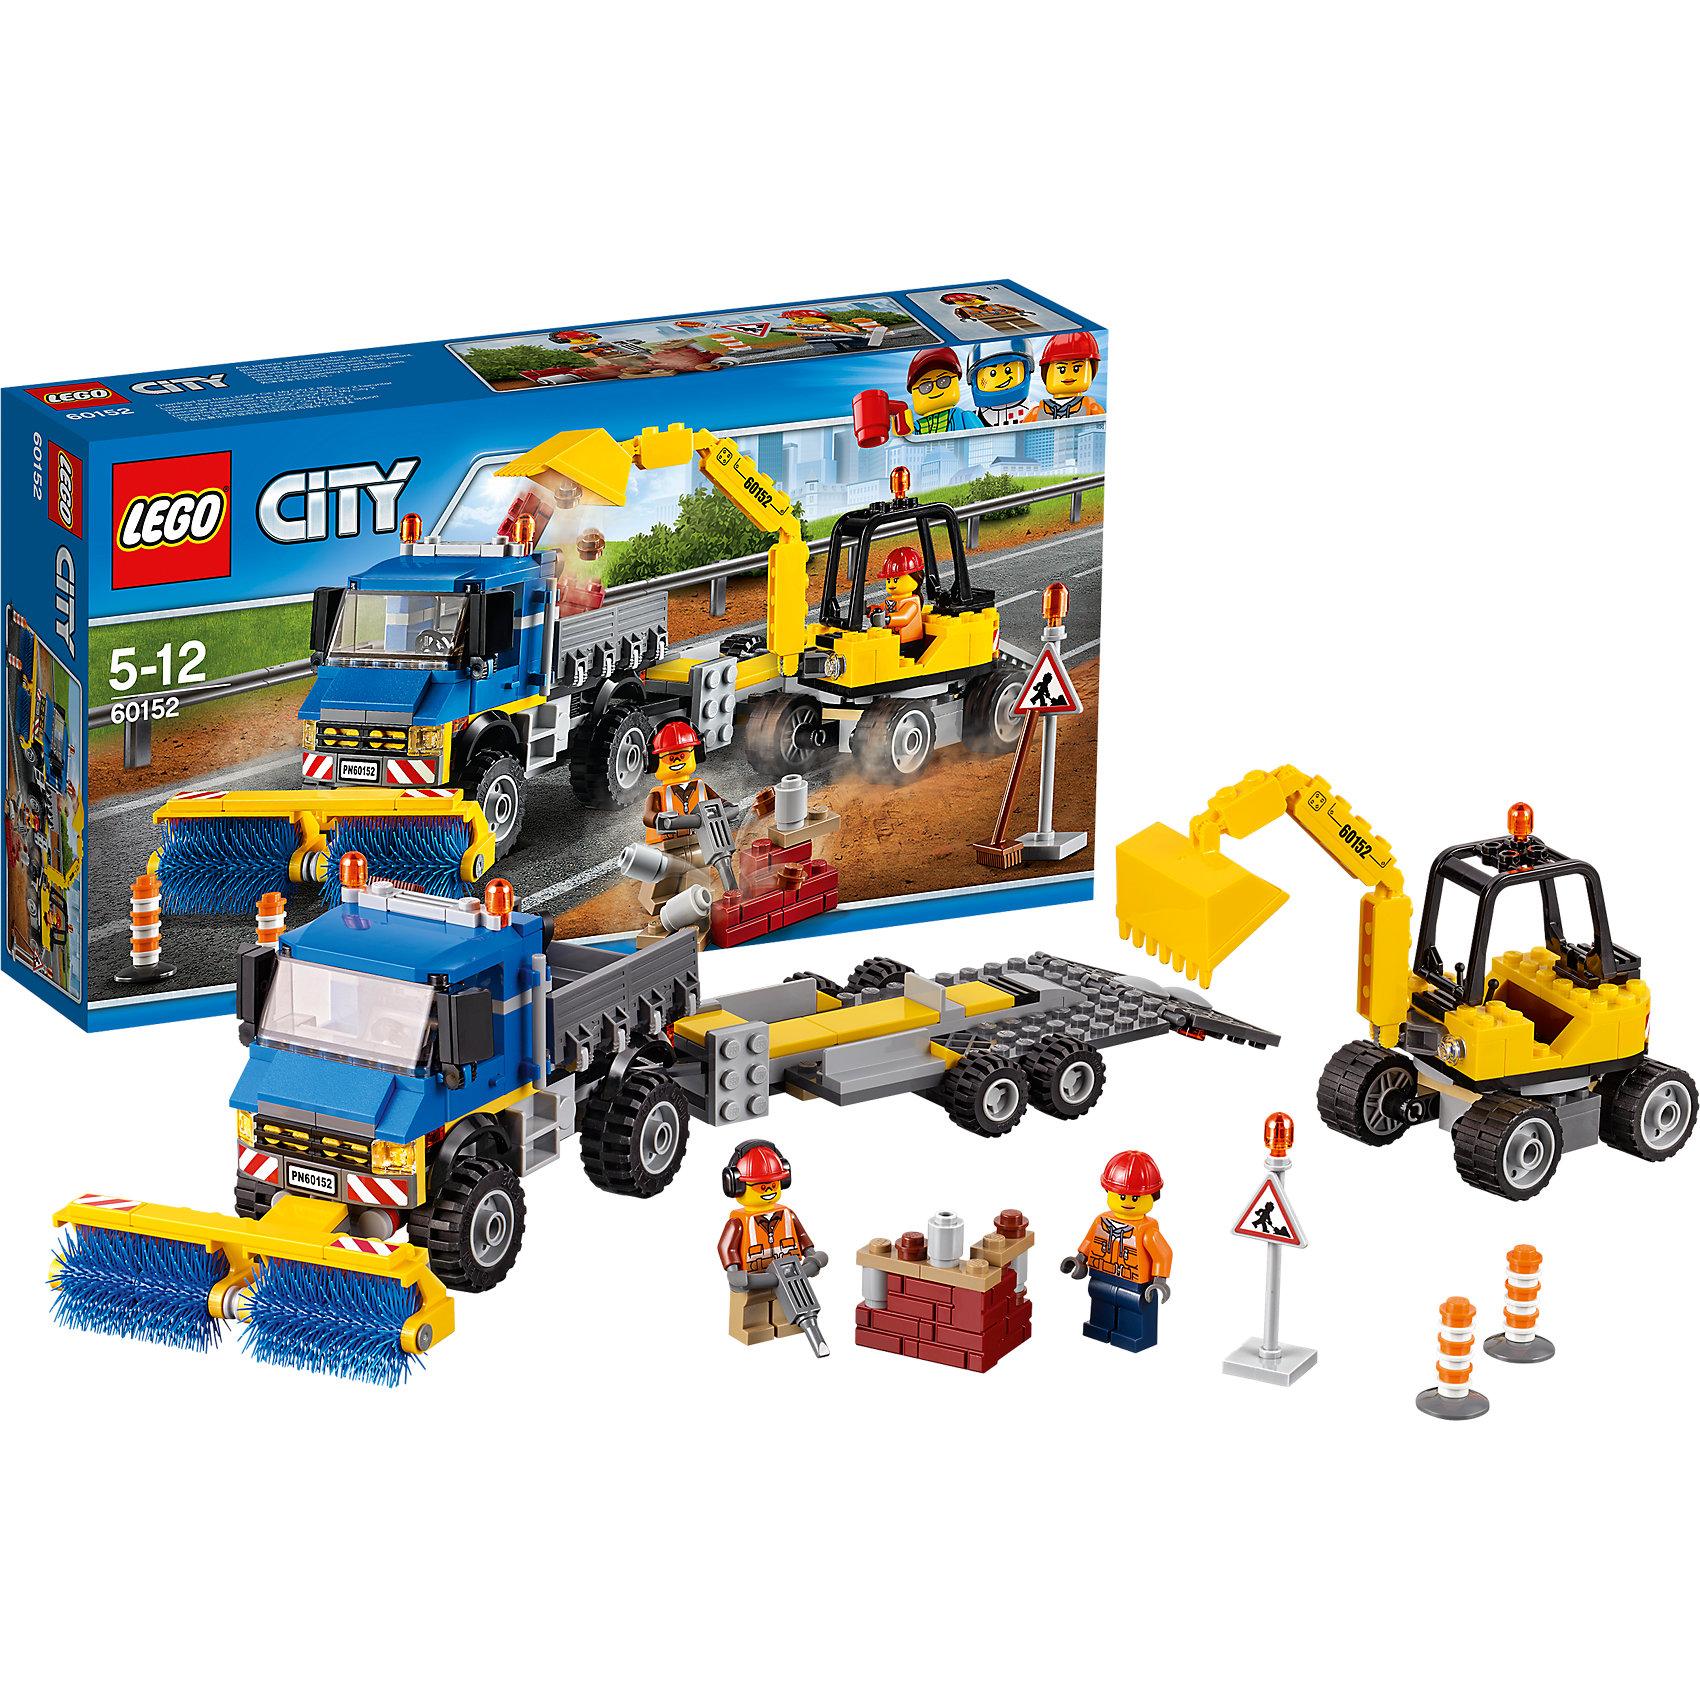 LEGO City 60152: Уборочная техникаПластмассовые конструкторы<br>LEGO City 60152: Уборочная техника<br><br>Характеристики:<br><br>- в набор входит: экскаватор, самосвал с прицепом, кирпичи, наклейки для оформления, 2 минифигурки, аксессуары, инструкция<br>- состав: пластик<br>- количество деталей: 299<br>- приблизительное время сборки: 60 минут<br>- размер коробки: 19 * 7 * 35 см.<br>- размер экскаватора: 13 * 6 * 8 см.<br>- размер прицепа: 17 * 8 * 3 см.<br>- размер самосвала: 16 * 9 * 9 см.<br>- для детей в возрасте: от 5 до 12 лет<br>- Страна производитель: Дания/Китай/Чехия<br><br>Легендарный конструктор LEGO (ЛЕГО) представляет серию «City» (Сити) в виде деталей жизни большого города, в котором есть абсолютно все. Серия делает игры еще более настоящими, благодаря отличным аксессуарам. После демонтажа здания рабочим нужно привести в порядок улицу города. Самосвал с помощью вращающихся щеток собирает мусор. Экскаватор с движущимся ковшом и поворачивающейся кабиной собирает кирпичики и прочие части и складывает их в кузов самосвалу, чтобы вывезти все ненужное. Рабочие делают все возможное, чтобы город был чистым и мог развиваться. Отлично прорисованная униформа рабочих добавляет им реалистичности. У каждого рабочего имеется защитная каска, а для работающего с отбойным молотком предусмотрены шумоподавляющие наушники. В дополнение в набор входят аксессуары для перекрытия дороги в виде знака и двух конусов. После завершения работ экскаватор погружается в прицеп и транспортируется самосвалом. Моделируй разные истории и ситуации в Лего Сити, а в процессе игры развивай творческие способности и претворяй свои идеи в жизнь. Этот интересный набор отлично подойдет как новичкам Лего, так и преданным фанатам и коллекционерам серии.<br><br>Конструктор LEGO City 60152: Уборочная техника можно купить в нашем интернет-магазине.<br><br>Ширина мм: 357<br>Глубина мм: 190<br>Высота мм: 73<br>Вес г: 552<br>Возраст от месяцев: 60<br>Возраст до месяцев: 144<br>Пол: Мужской<br>Возраст: Де